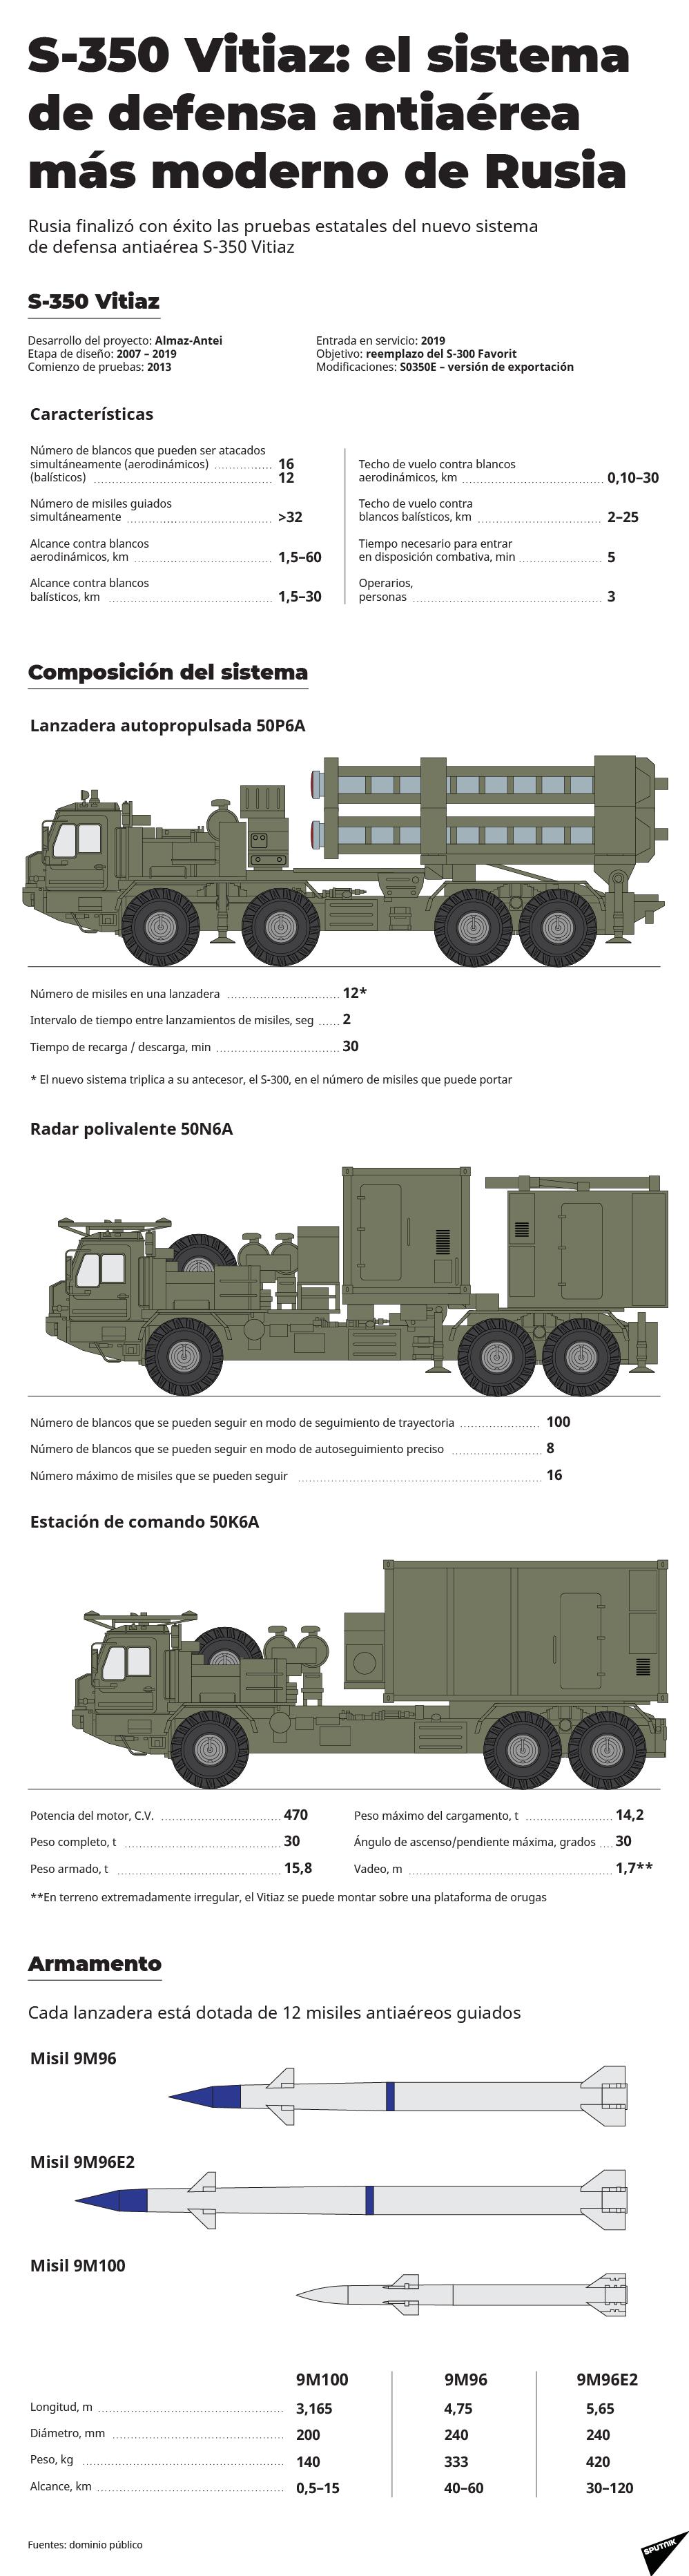 S-350 Vitiaz, el 'guardián' de los cielos rusos